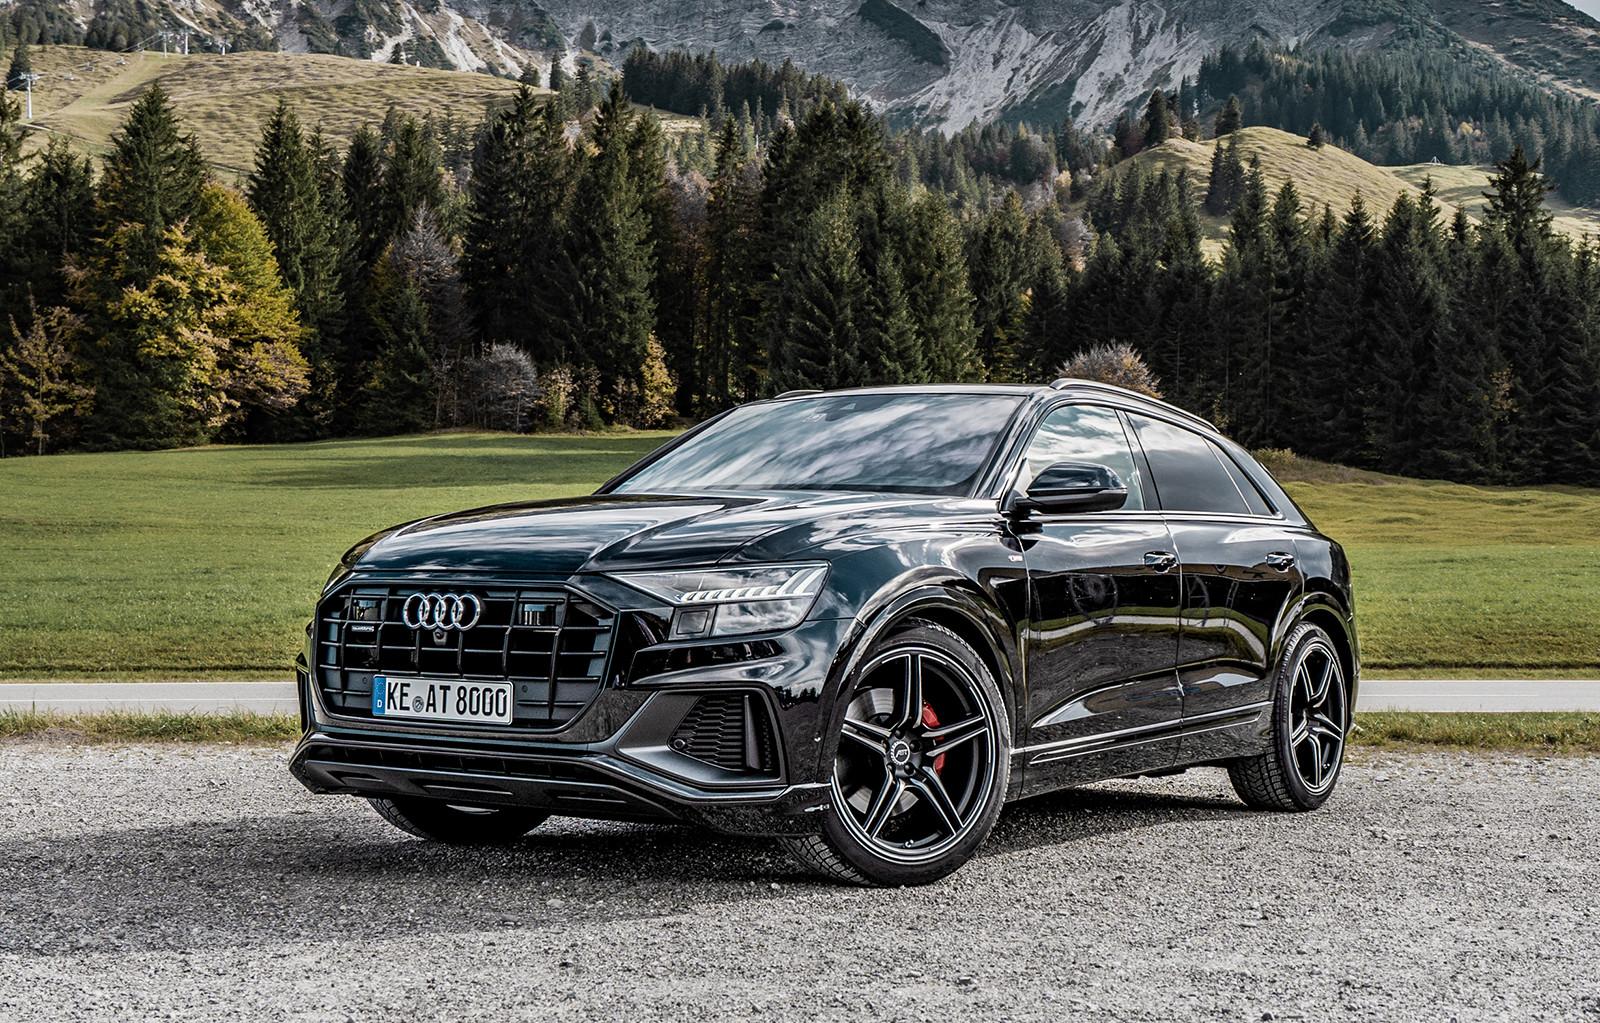 Foto de Audi Q8 50 TDI ABT (7/10)